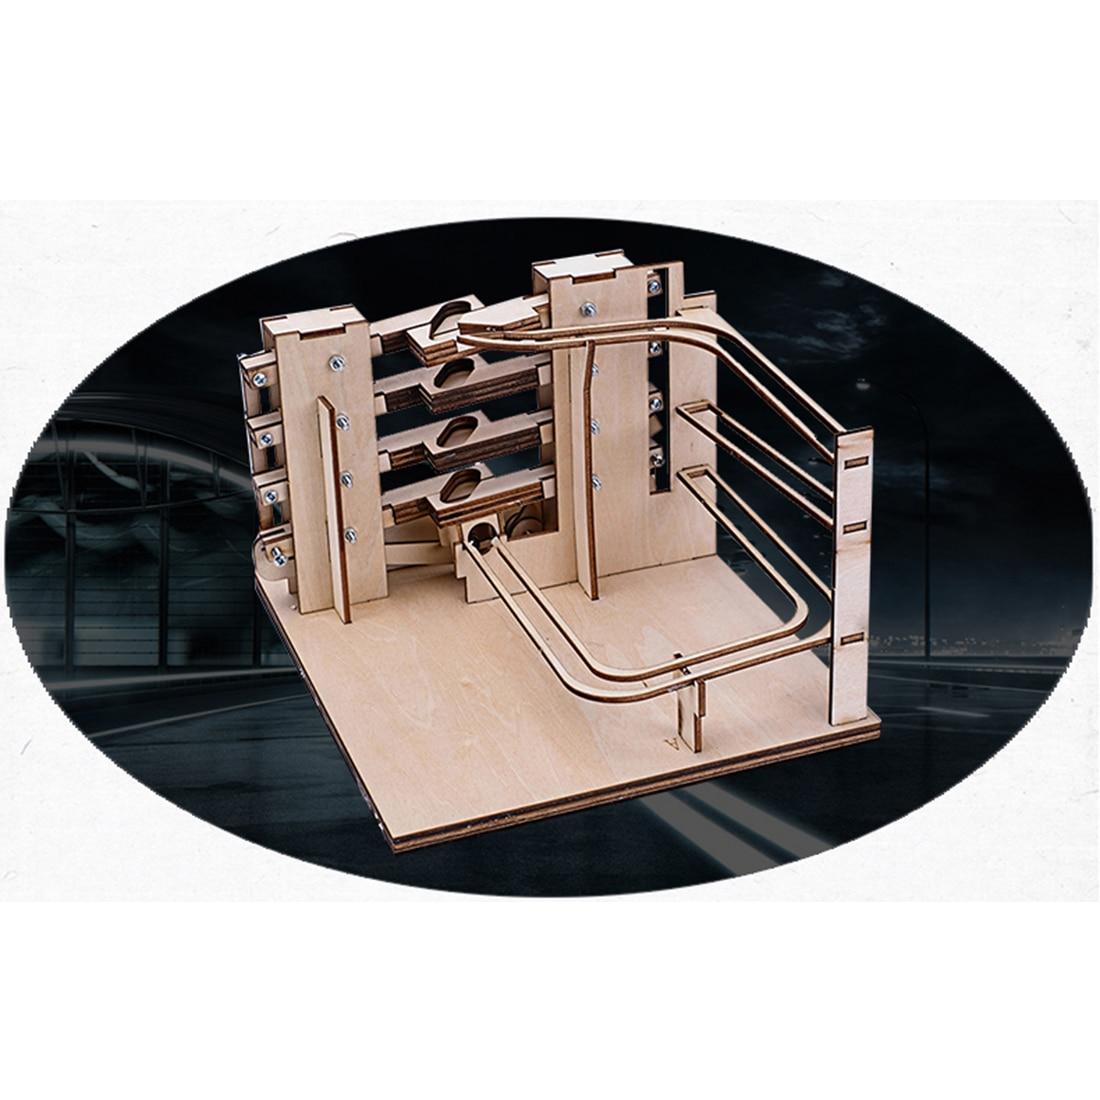 H1c75bcf658e344dea5959e8286e56500R - Robotime - DIY Models, DIY Miniature Houses, 3d Wooden Puzzle